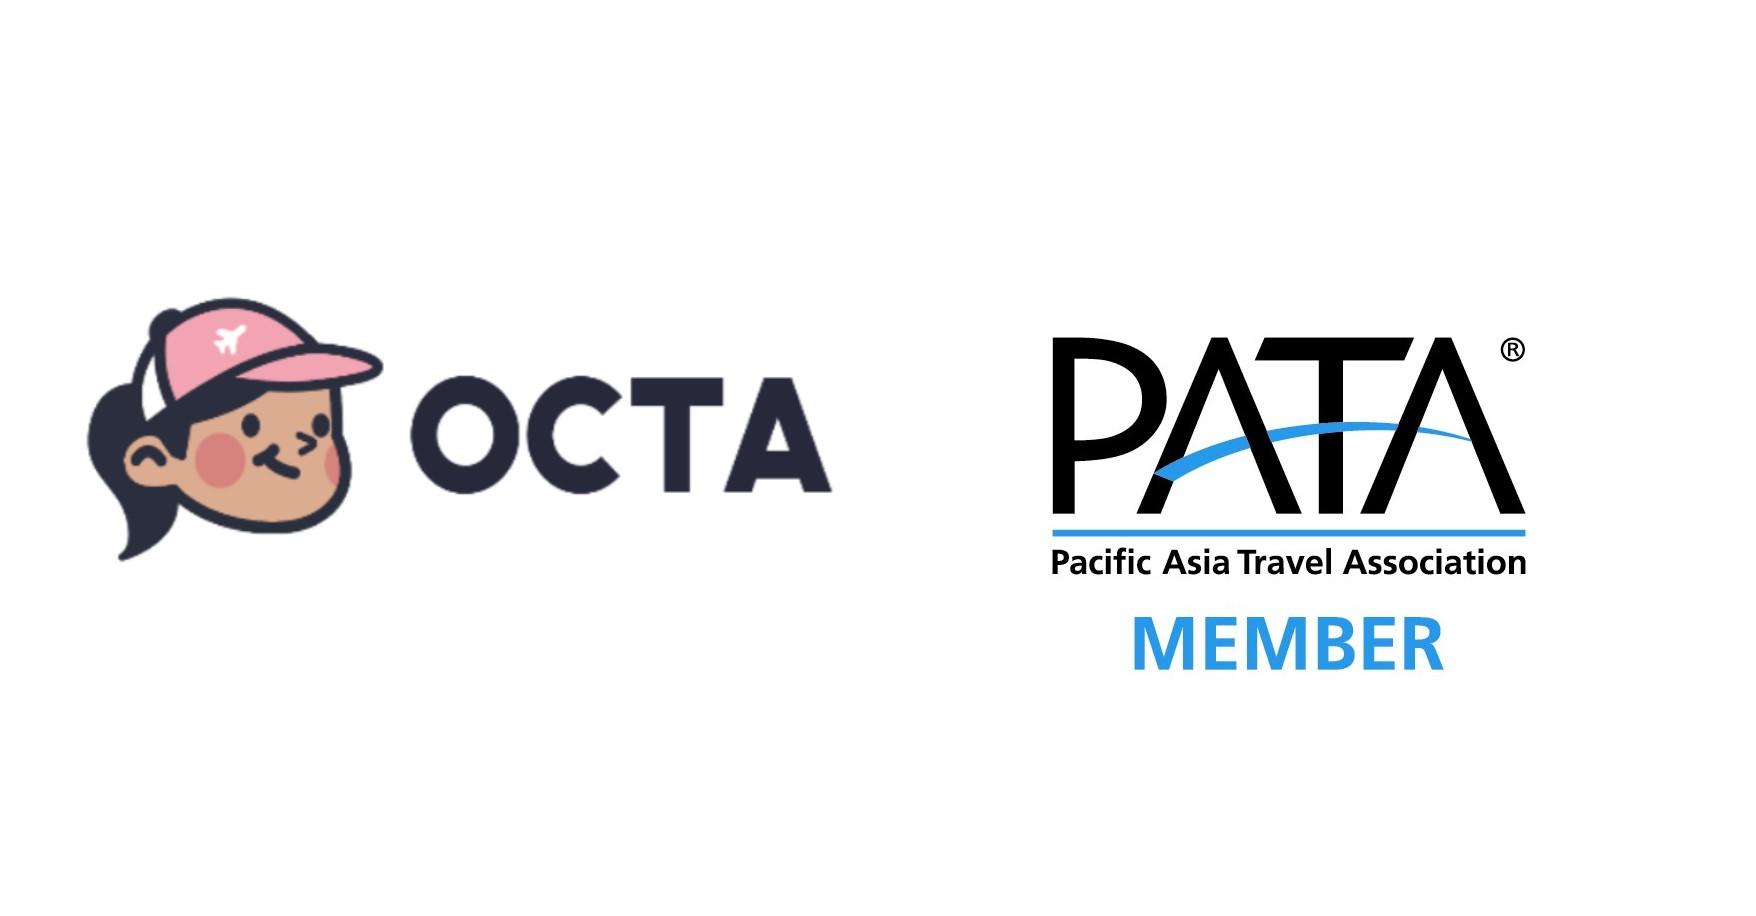 PATA X OCTA.jpg